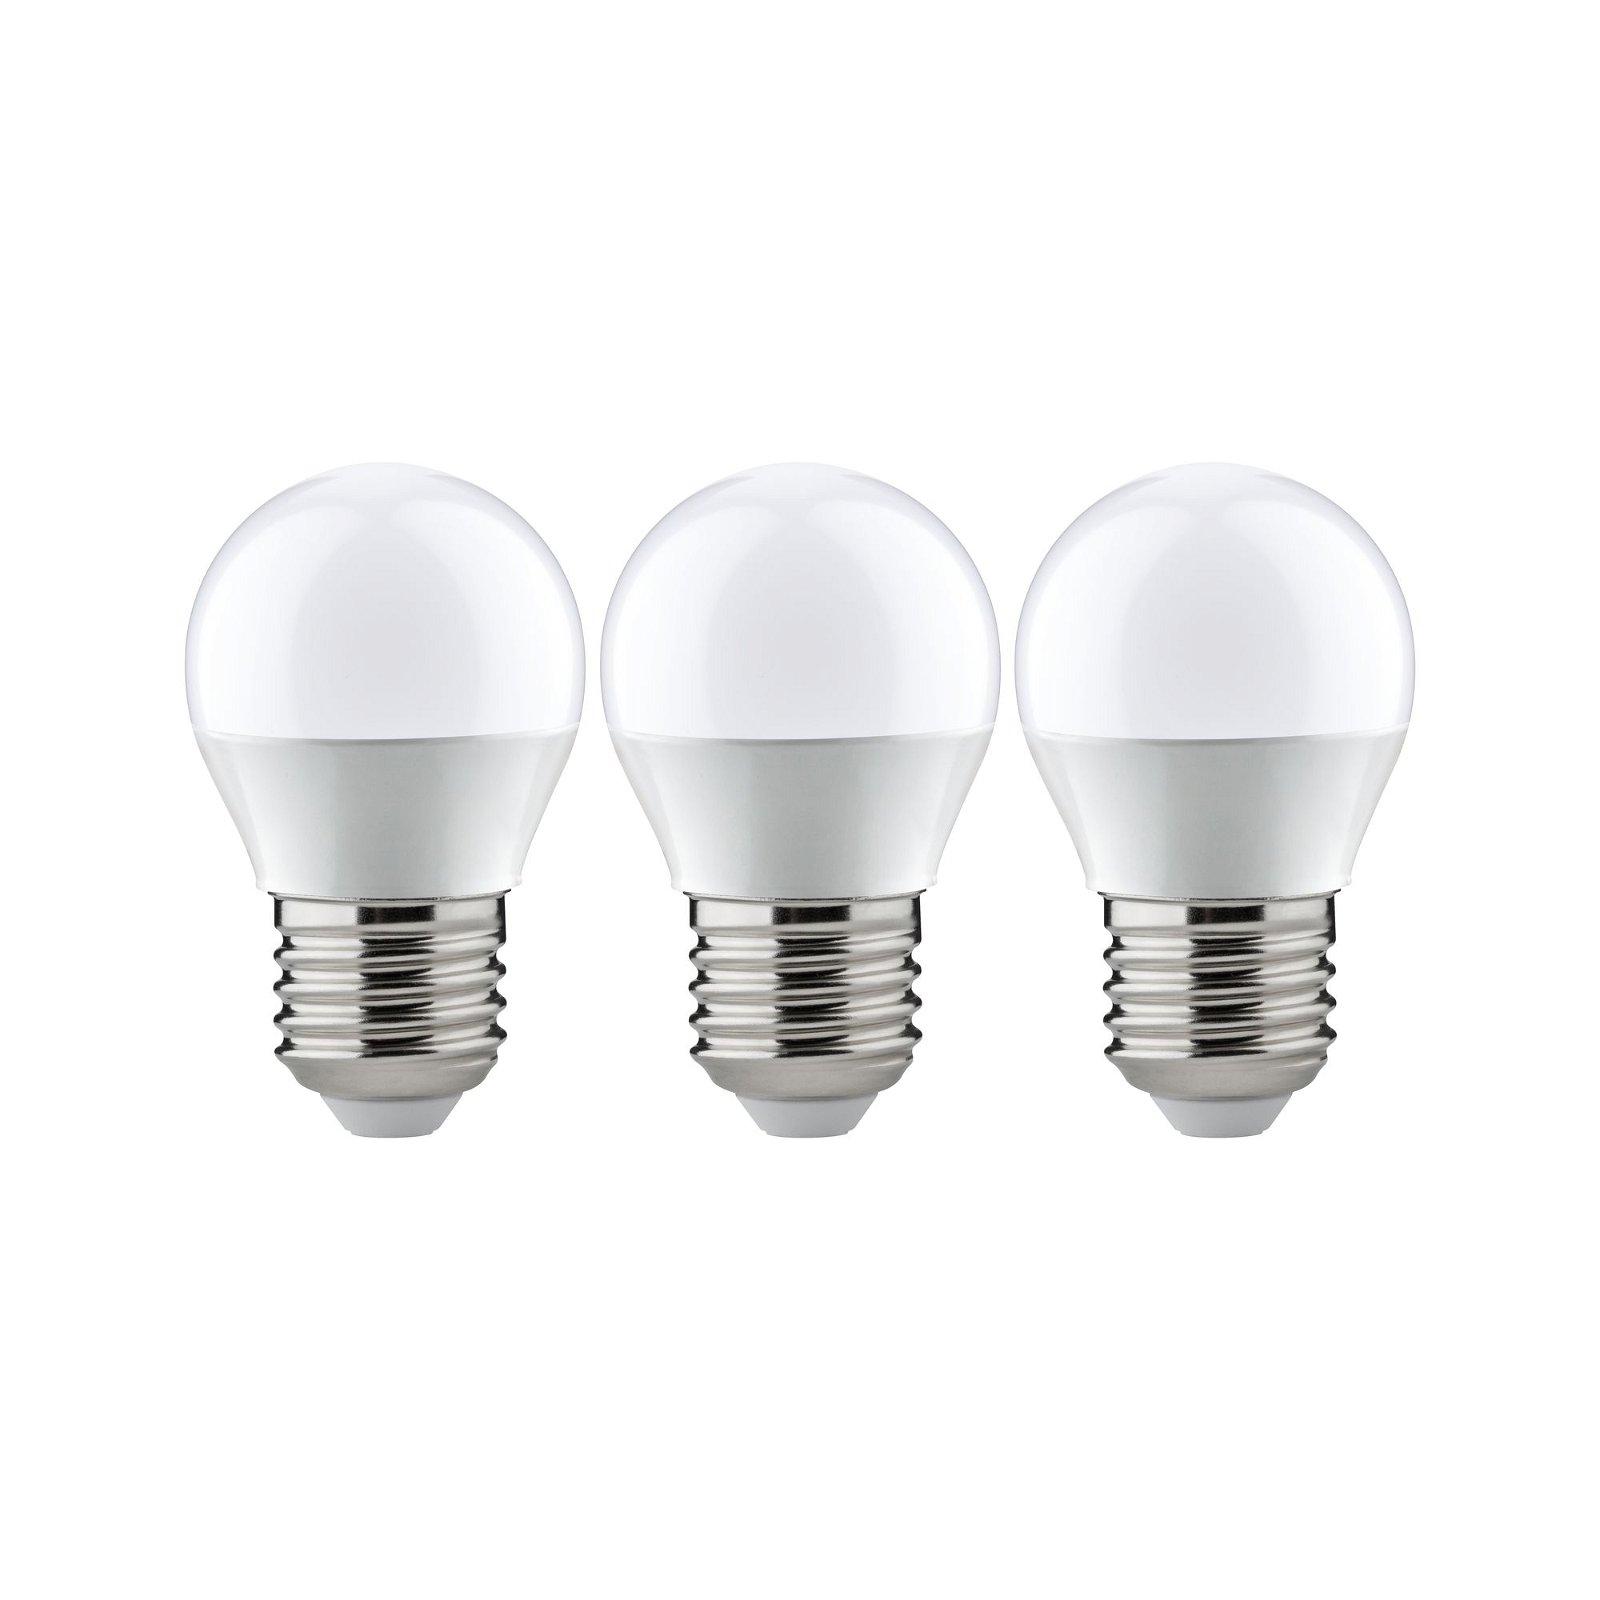 LED Tropfen E27 230V 3x250lm 3x3,5W 2700K Opal